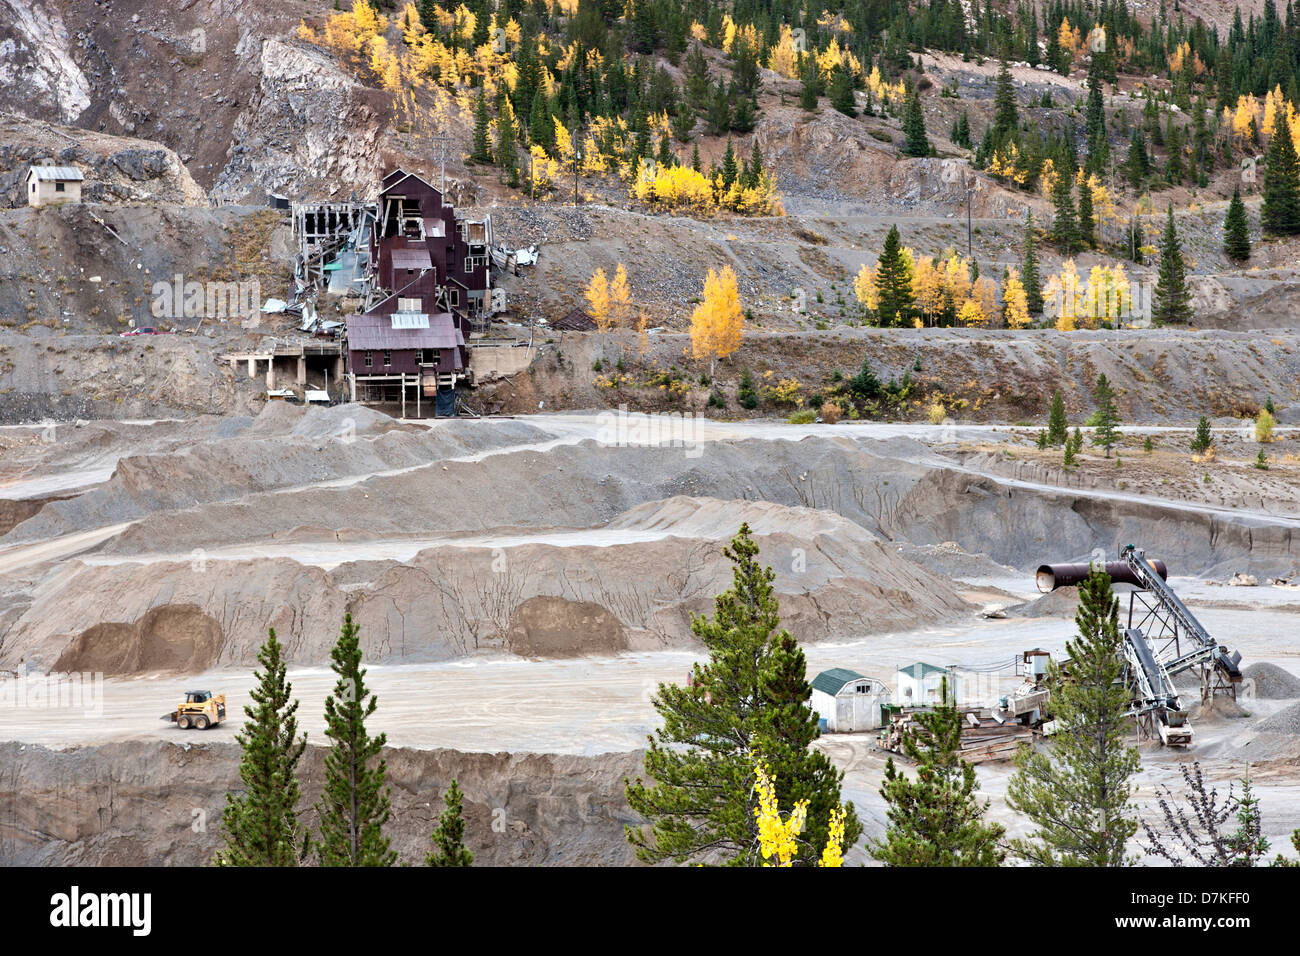 Restos de la antigua mina de Monarca, la producción de oro, plomo y zinc. Imagen De Stock